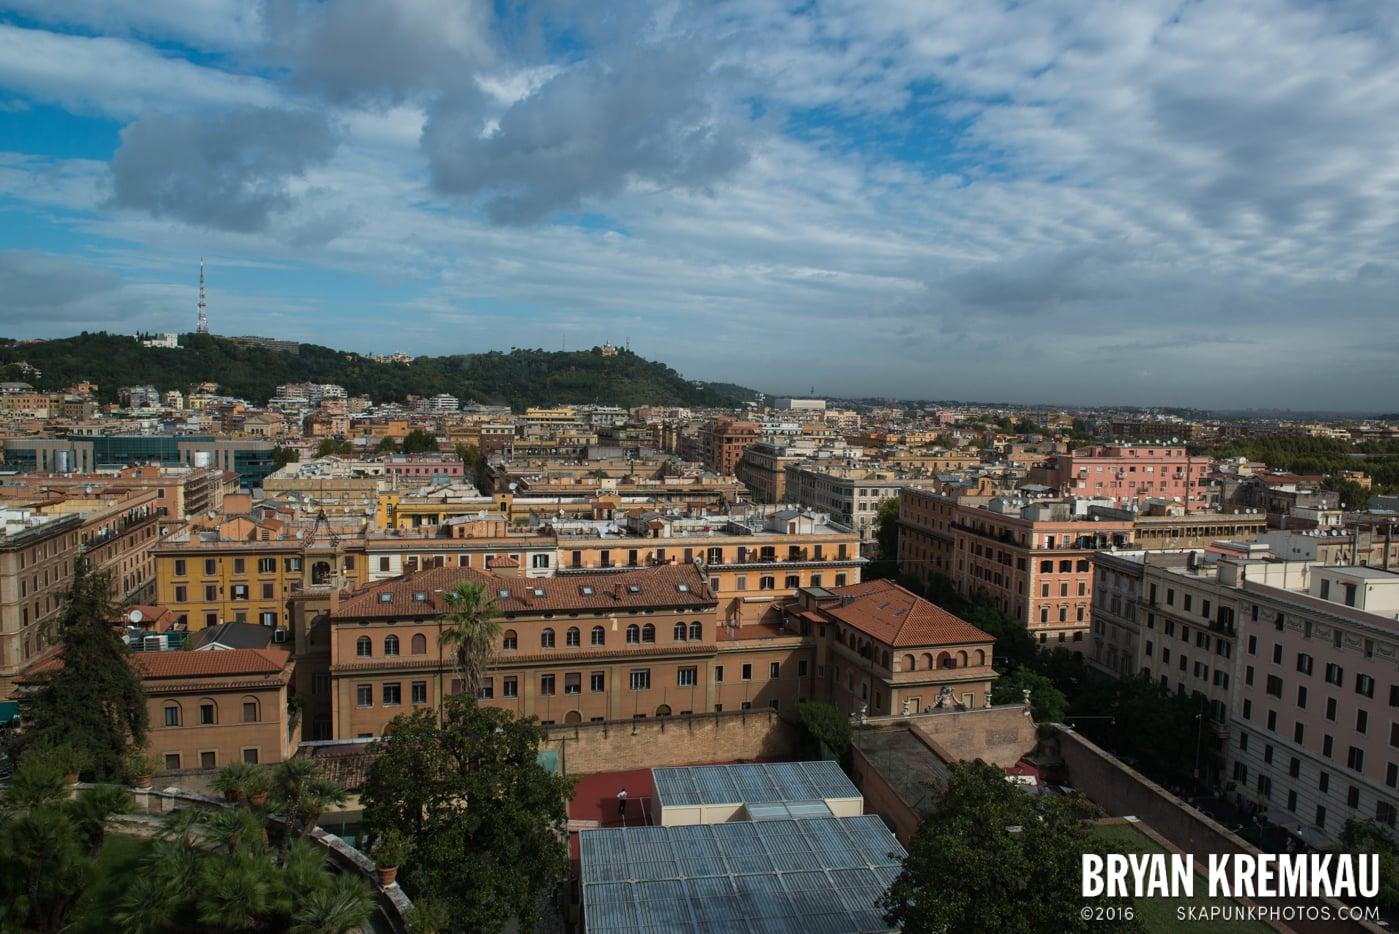 Italy Vacation - Day 3: Rome - 9.11.13 (42)